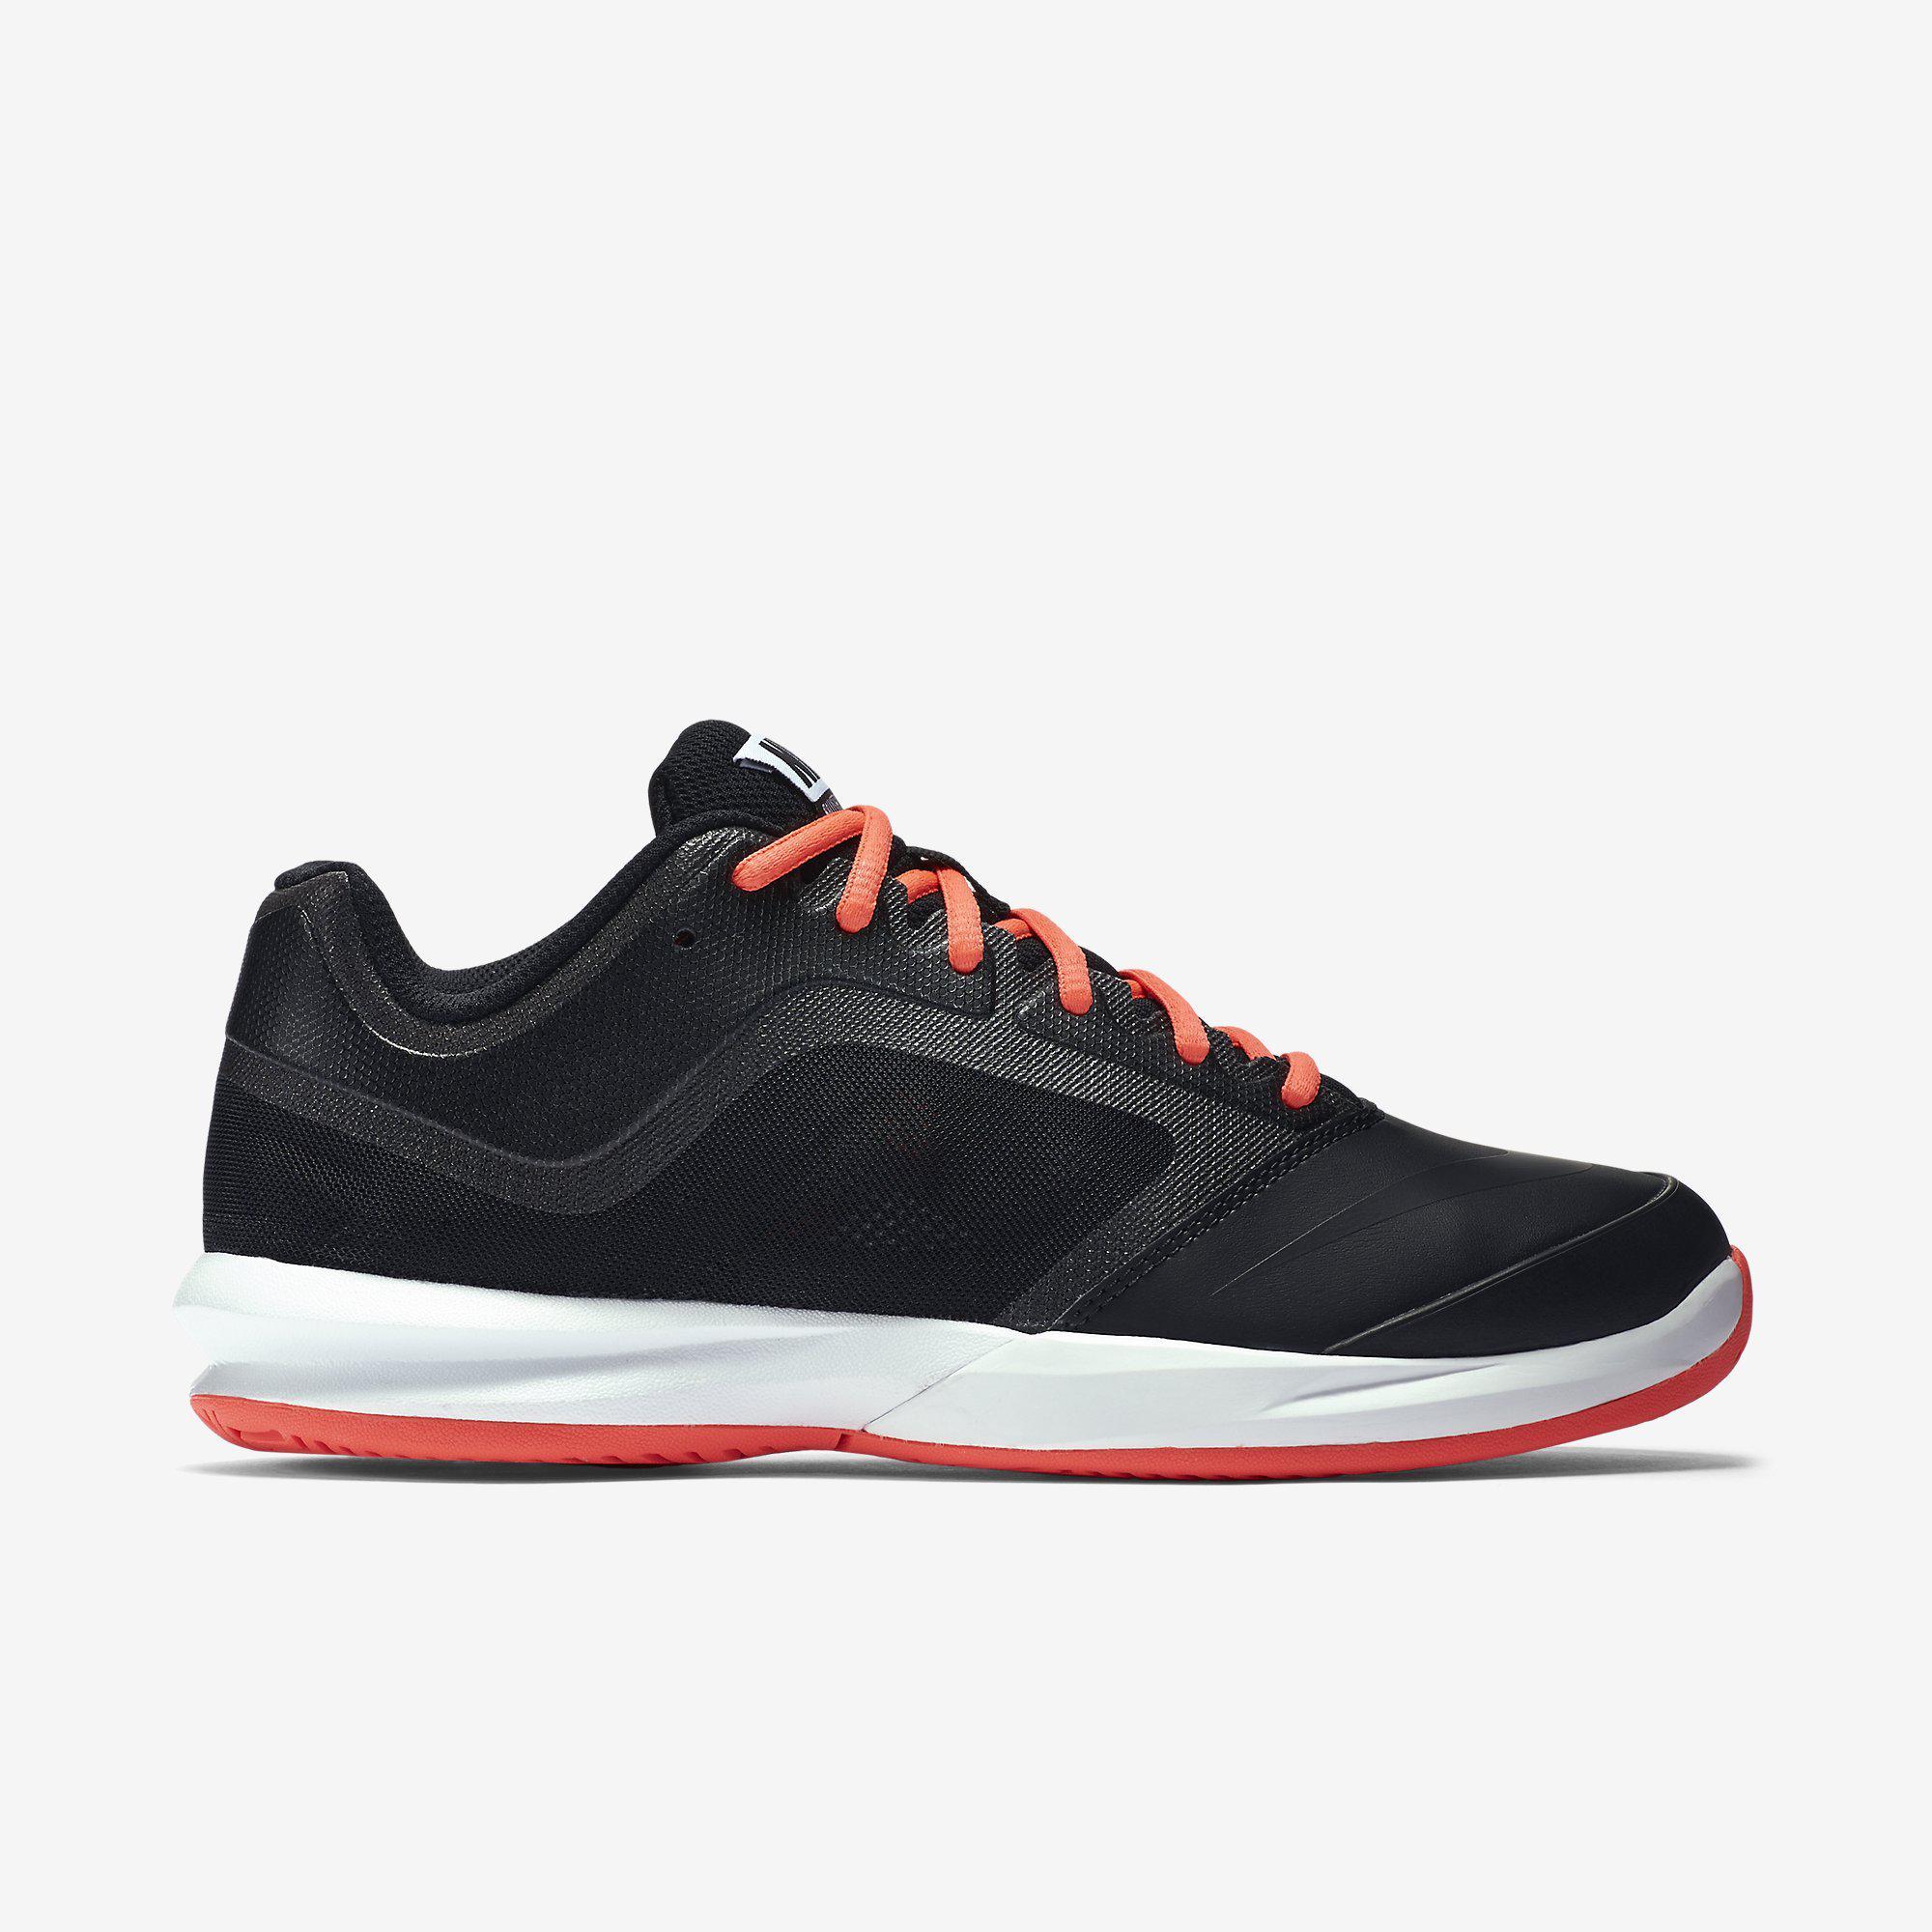 super popular 4d6ad b75da Nike Womens Dual Fusion Ballistec Advantage Tennis Shoes - Black Hot Lava -  Tennisnuts.com